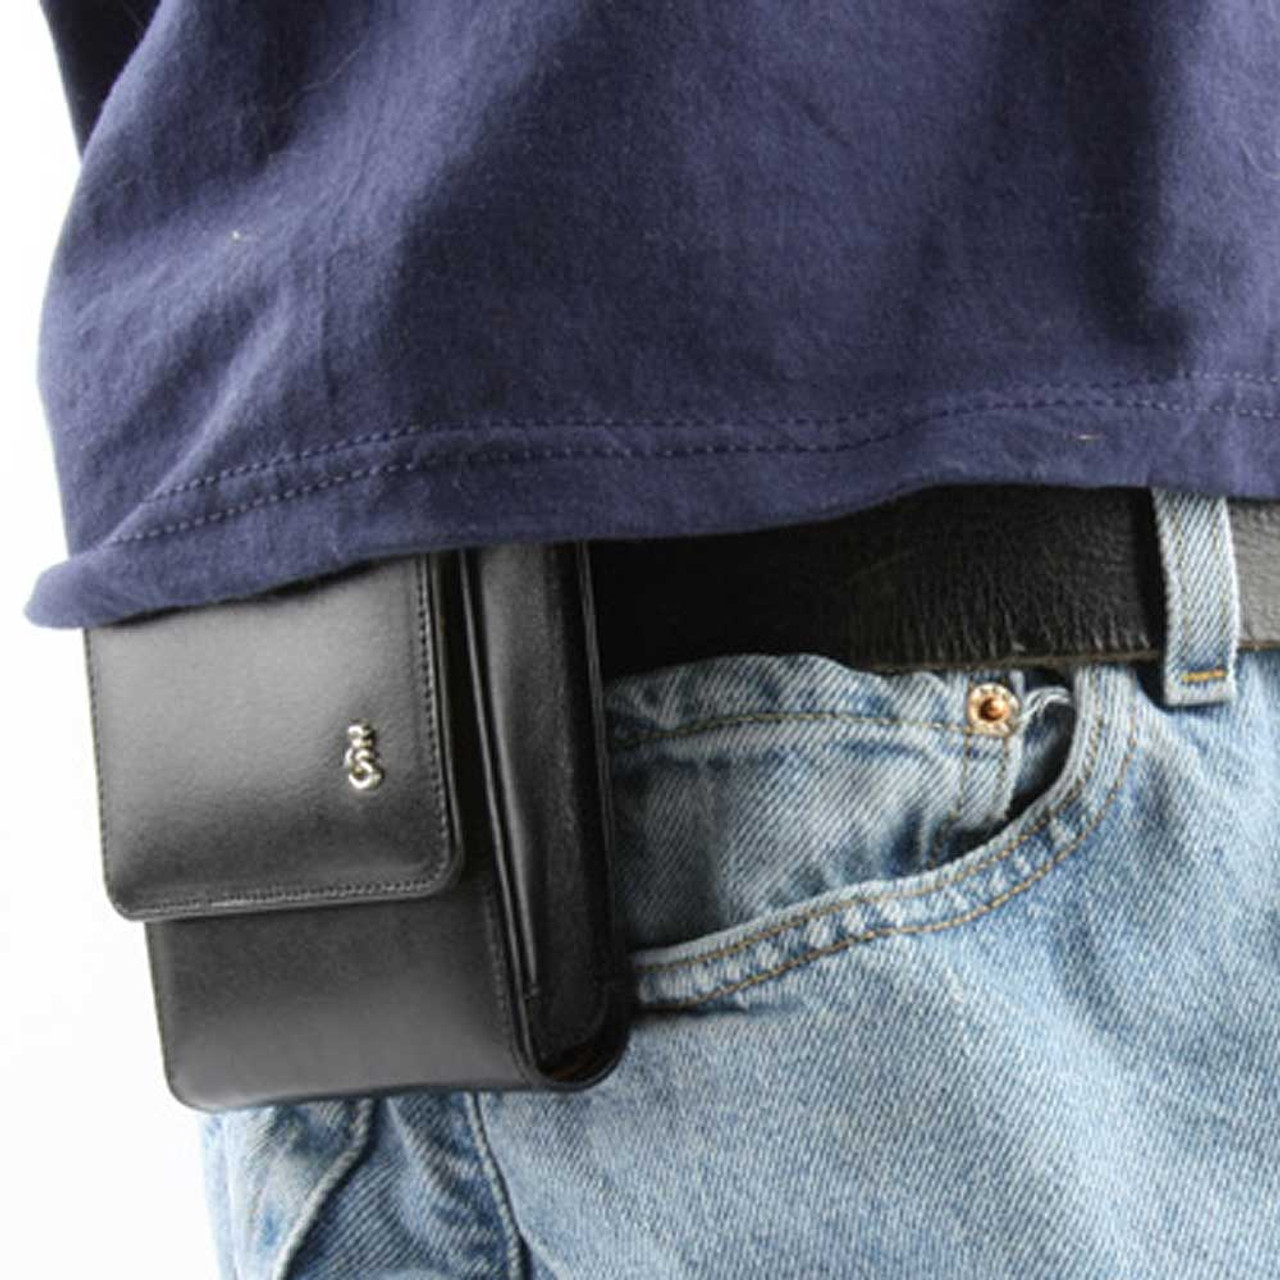 Sig P290 Concealed Carry Holster (Belt Loop)